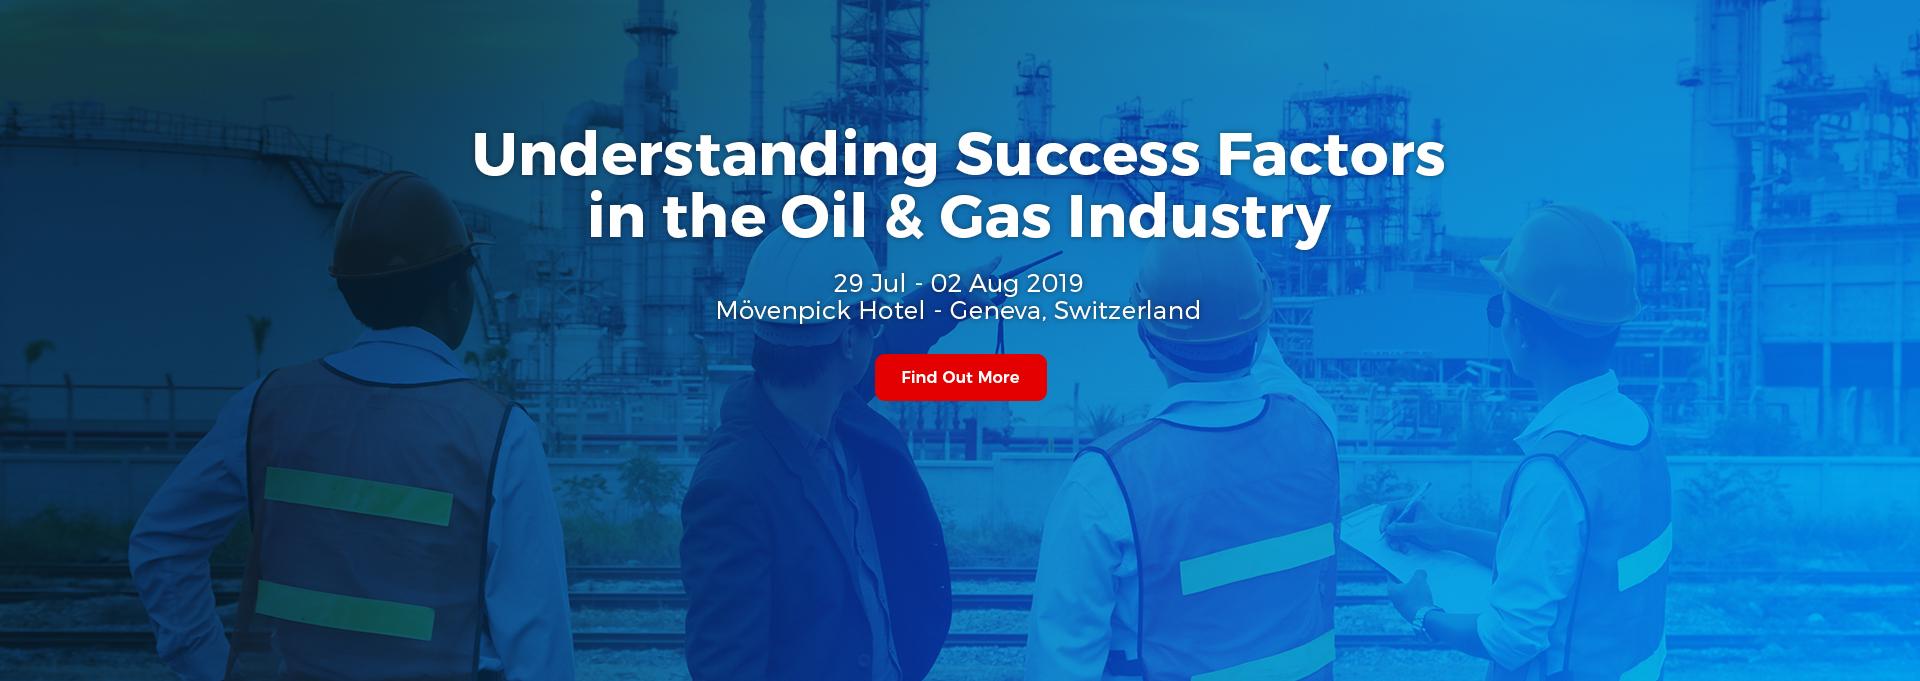 Understanding Success Factors in the Oil & Gas Industry